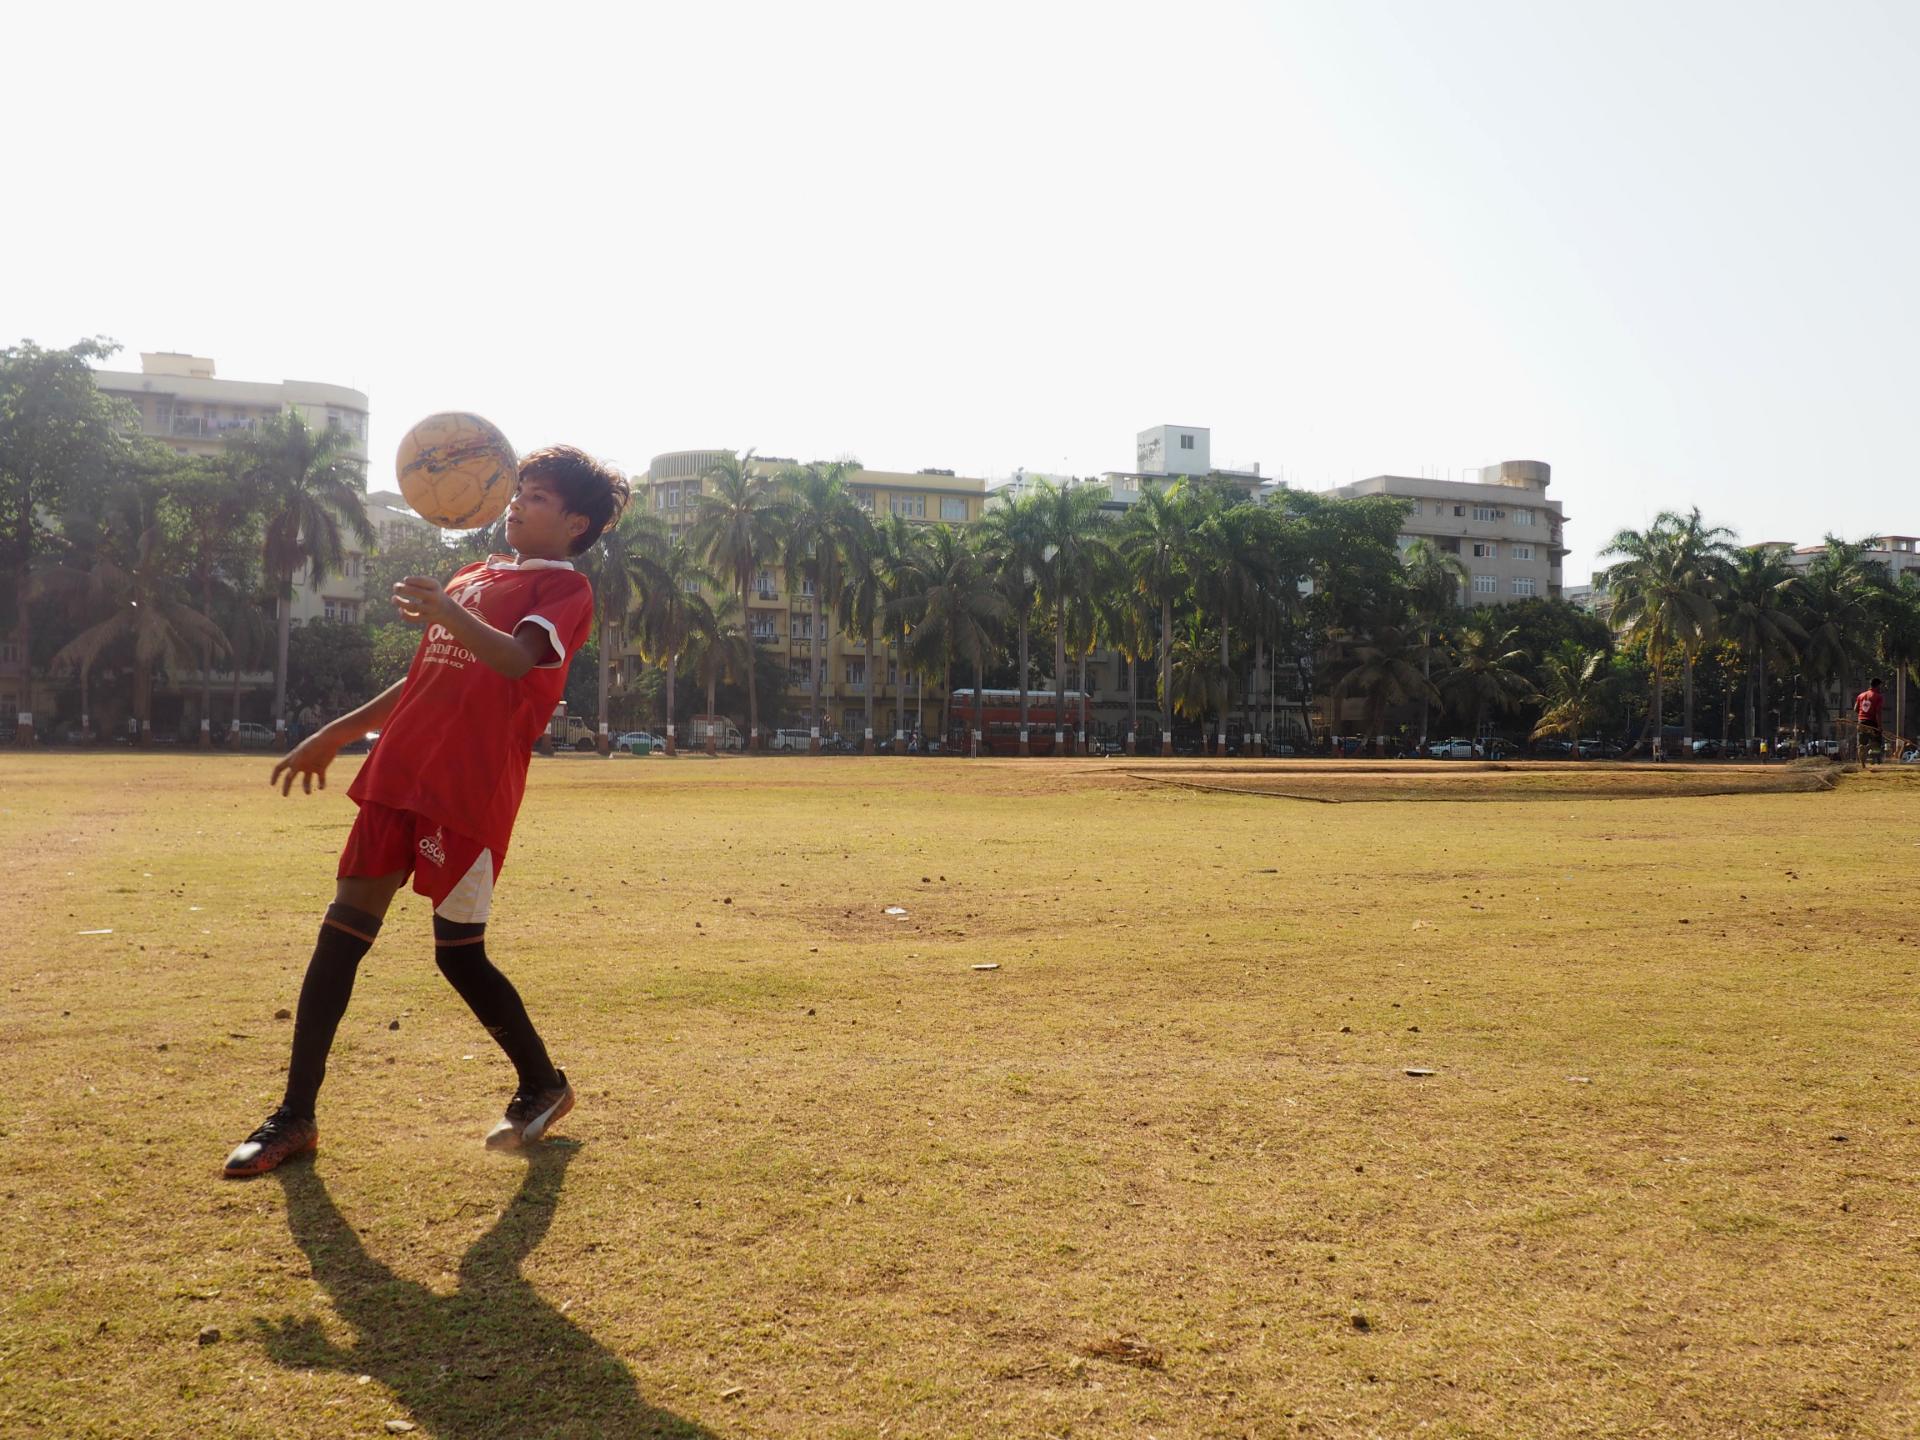 Mamta Prajapati hoppas att det i framtiden ska vara mer accepterat för kvinnor i Indien att spela fotboll. När hon kommer hem från Danmark vill hon inspirera fler att börja spela.Foto Karl Sundström